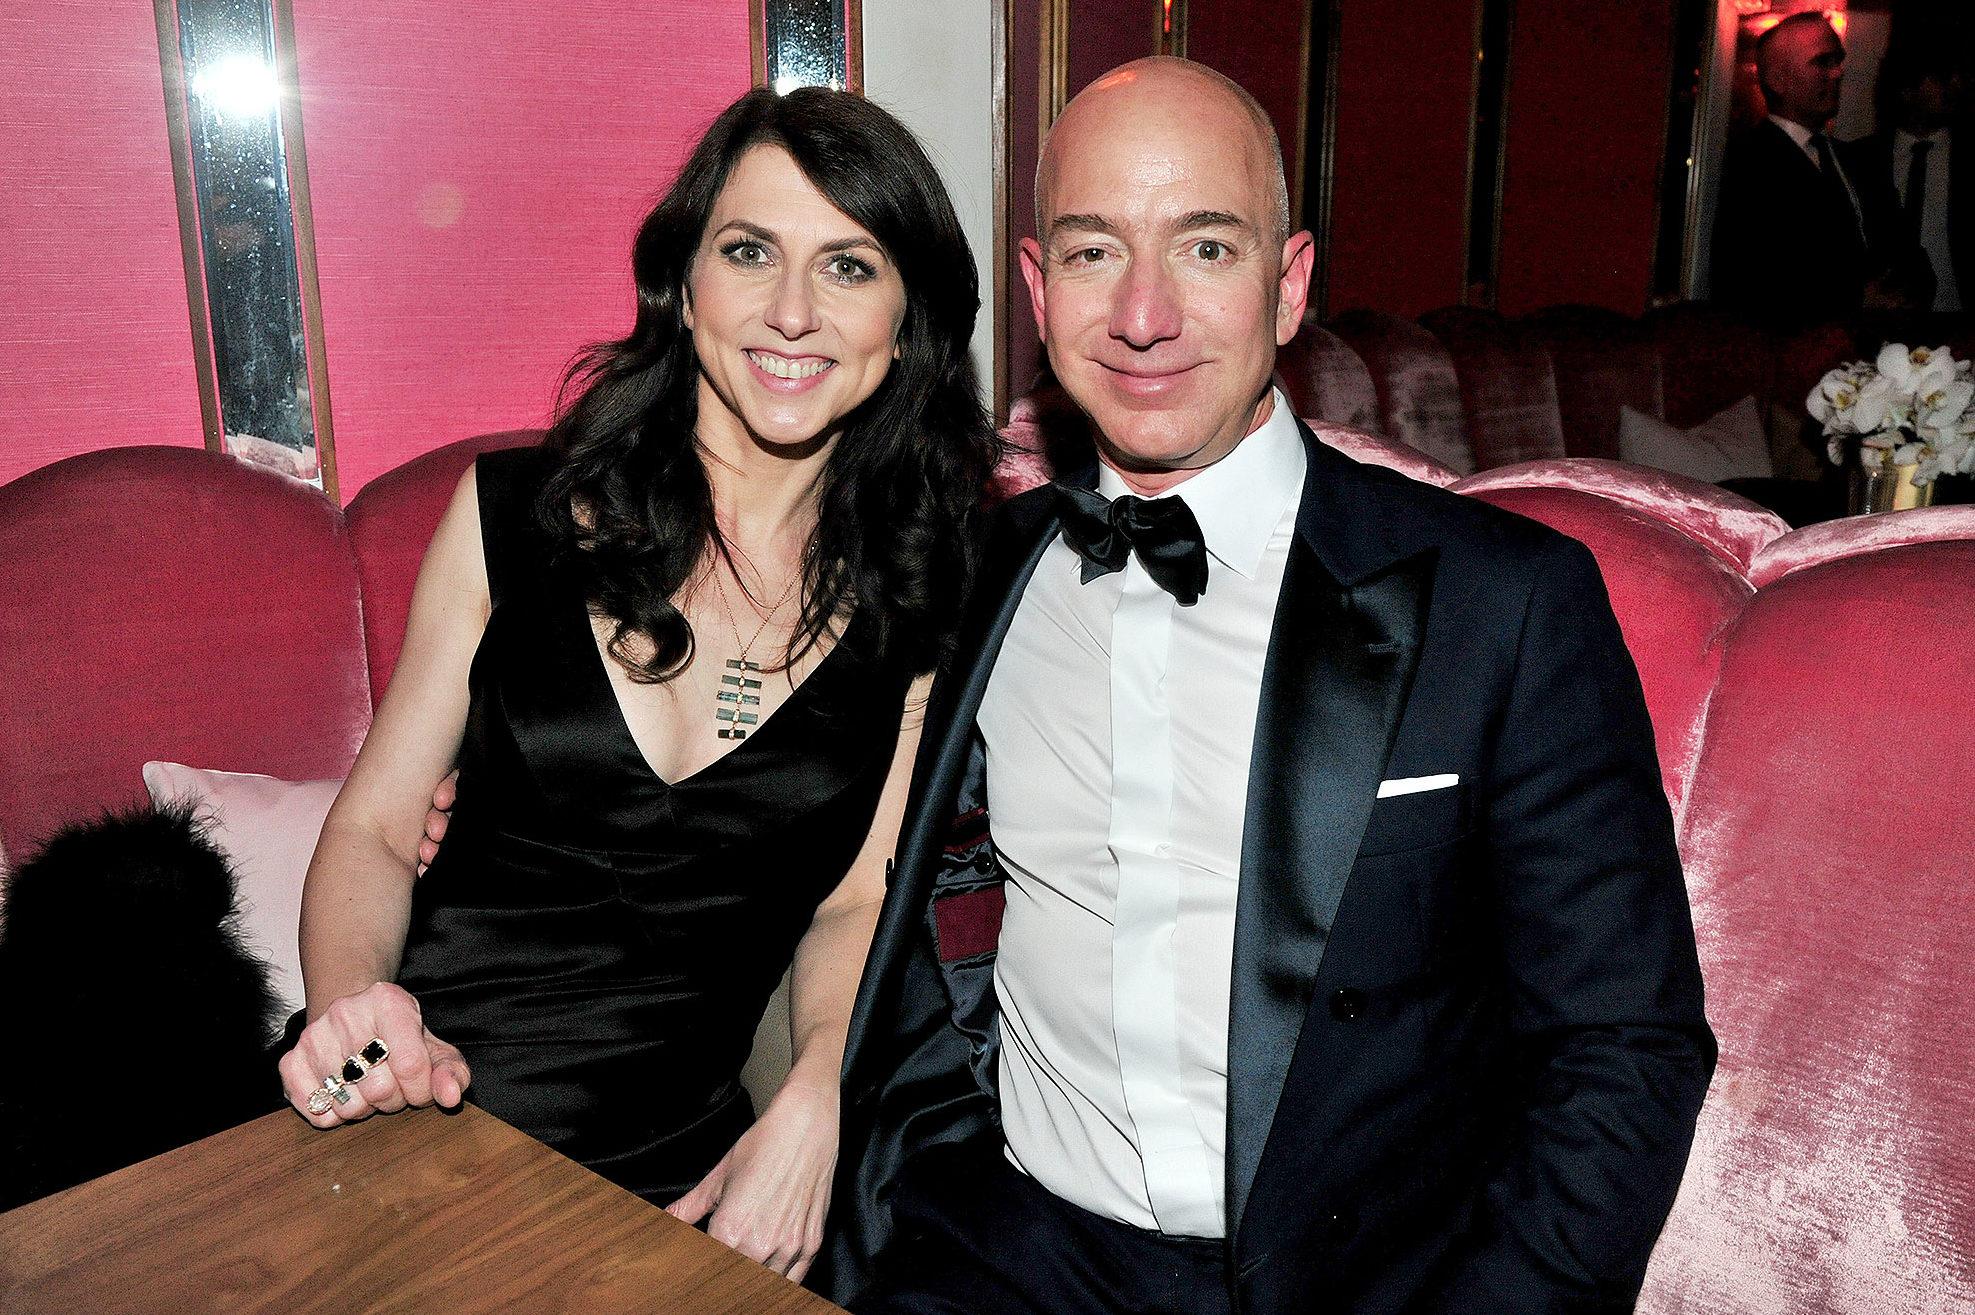 Jeff şi MacKenzie Bezos, cel mai bogat cuplu din istoria lumii: Cum s-au cunoscut cei doi